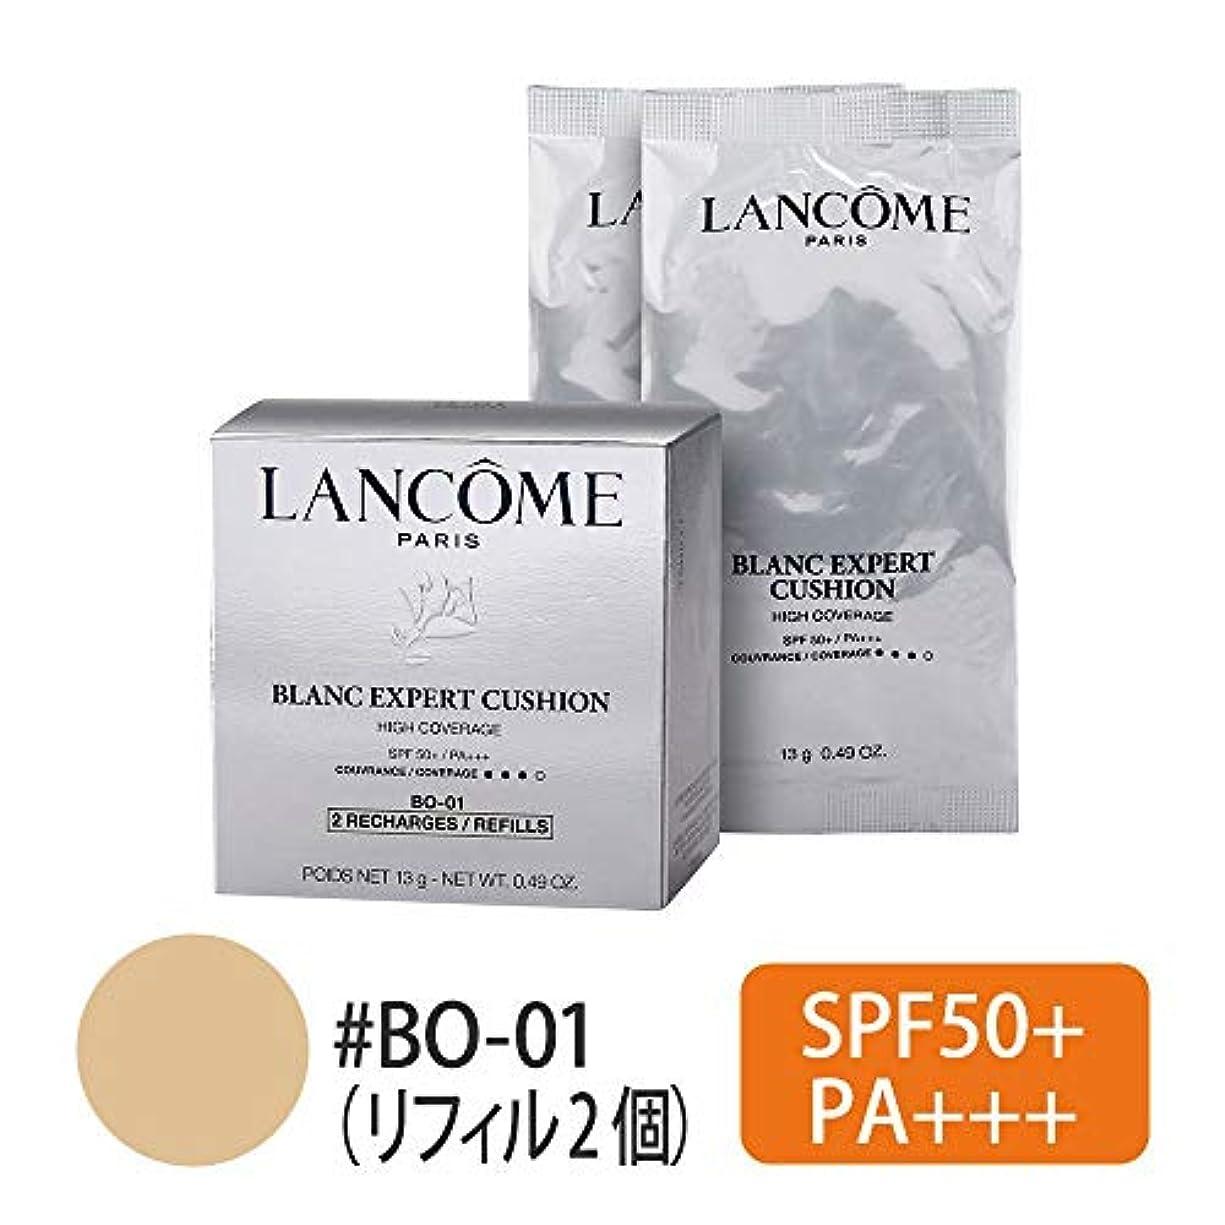 人工的な不条理気楽なランコム(LANCOME) ブラン エクスペール クッション コンパクト H (レフィル2個) #BO-01 SPF50+/PA+++ 13gx2[並行輸入品]